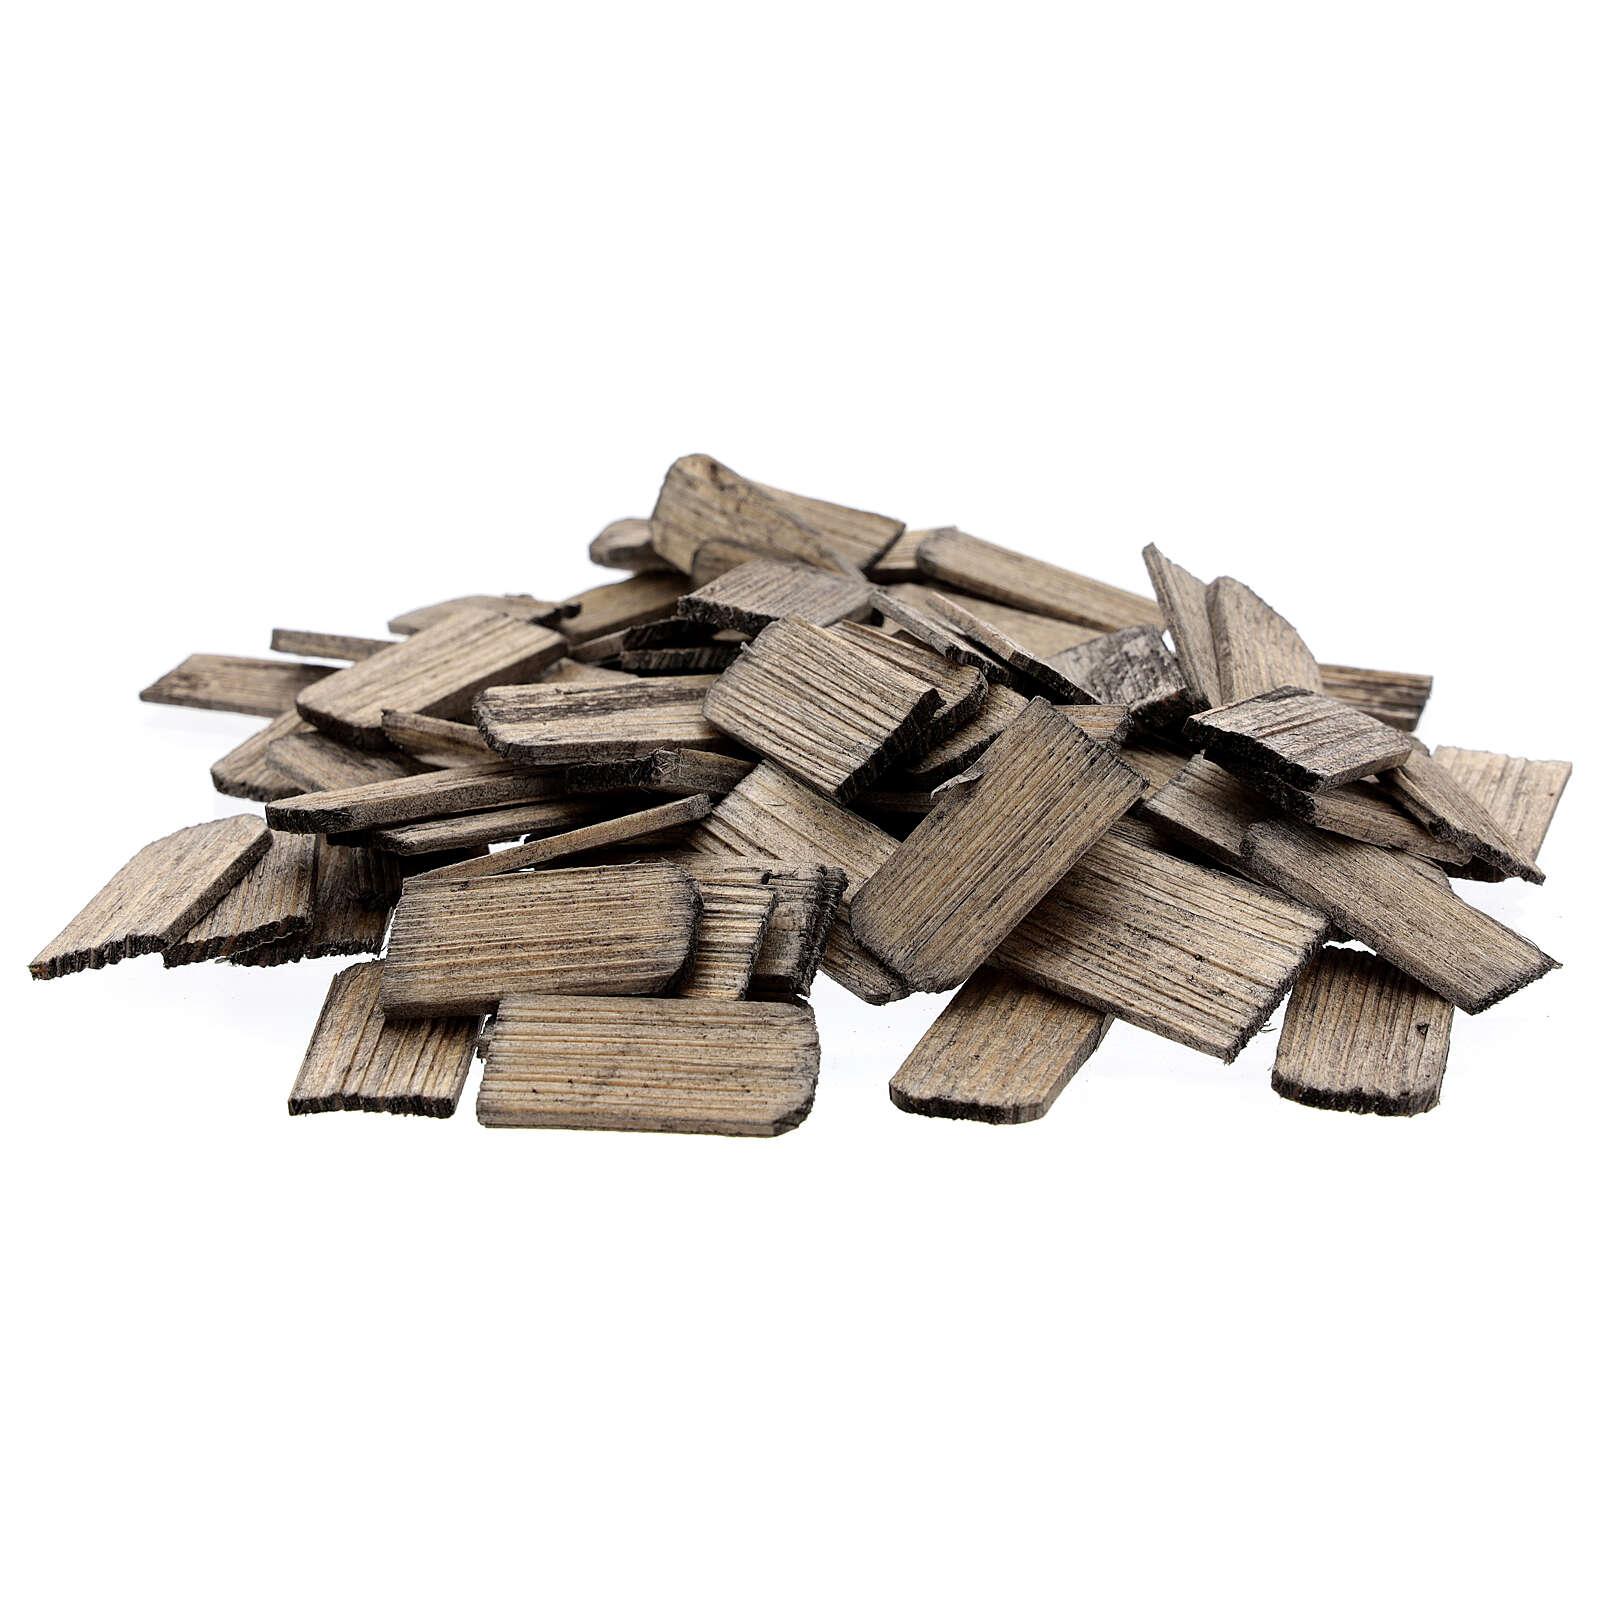 Telhas de madeira miniaturas presépio 3x1,5 cm, 100 unidades 4